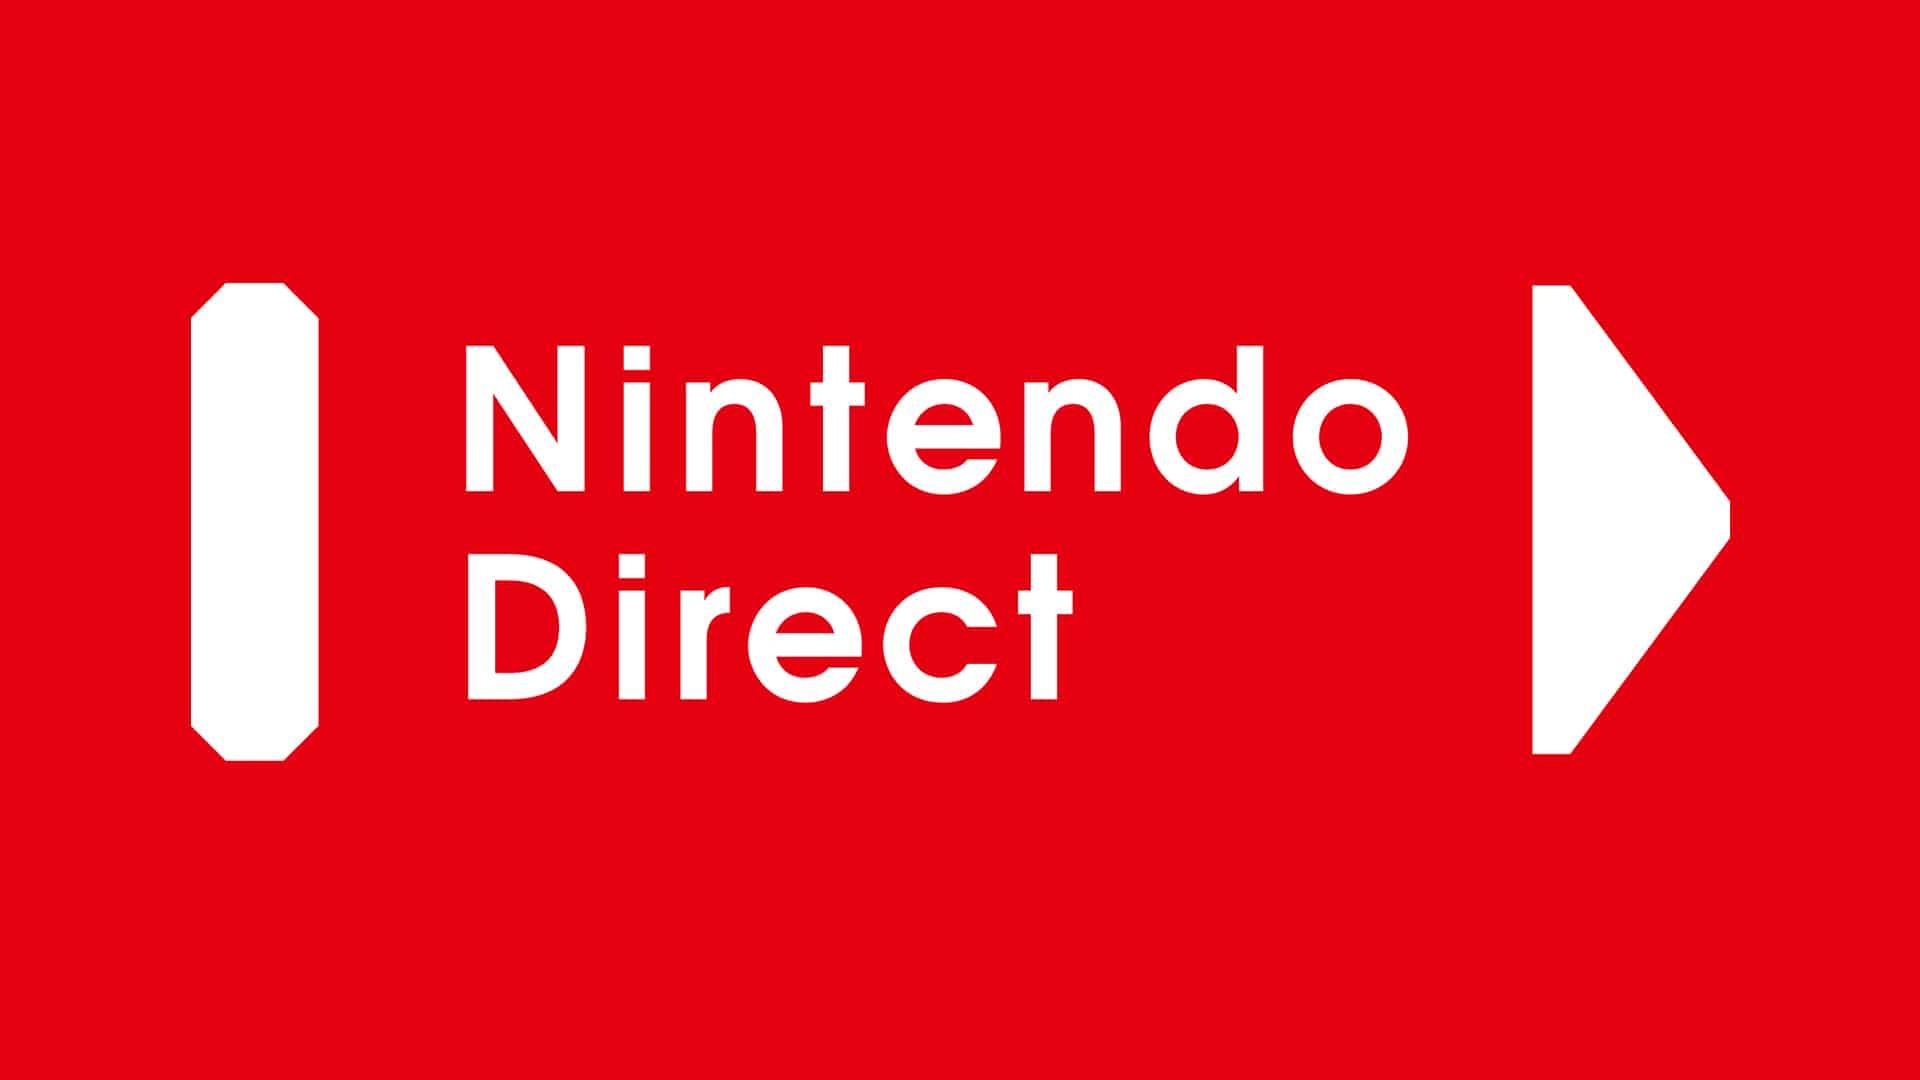 Nintendo Direct - Nuovo Nintendo Direct previsto per Febbraio?